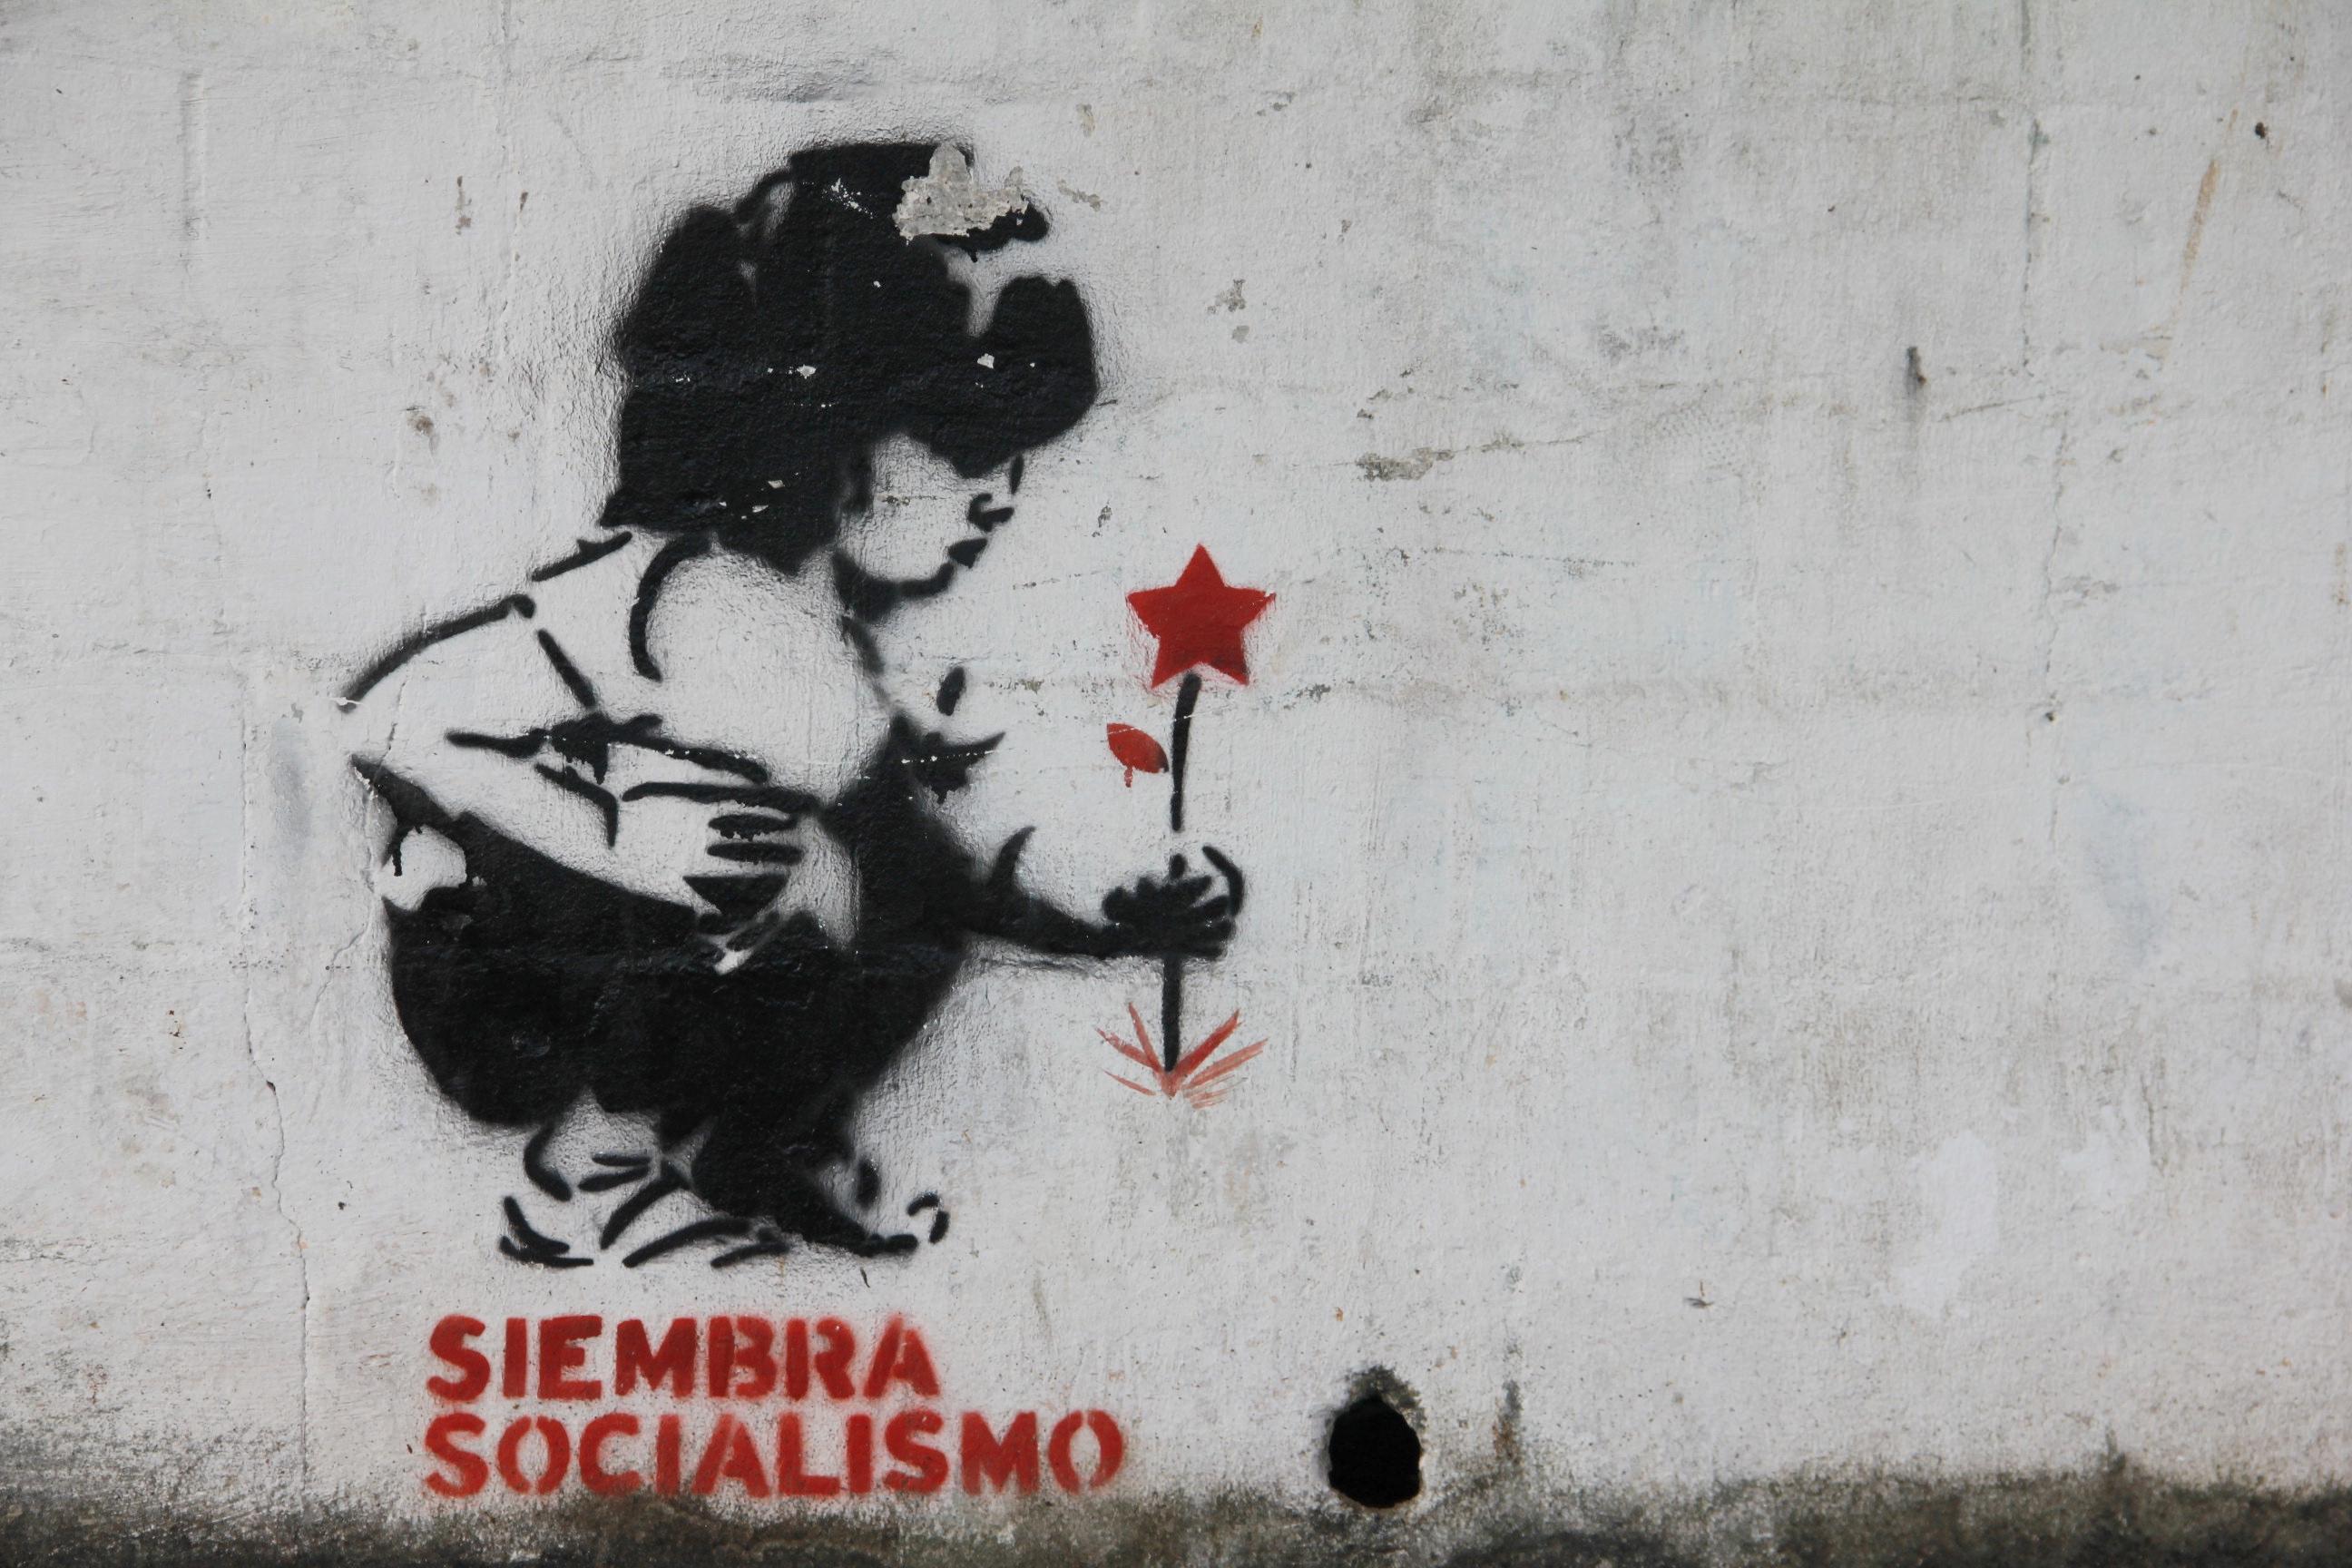 الاشتراكية: التصوّر النظري والواقع